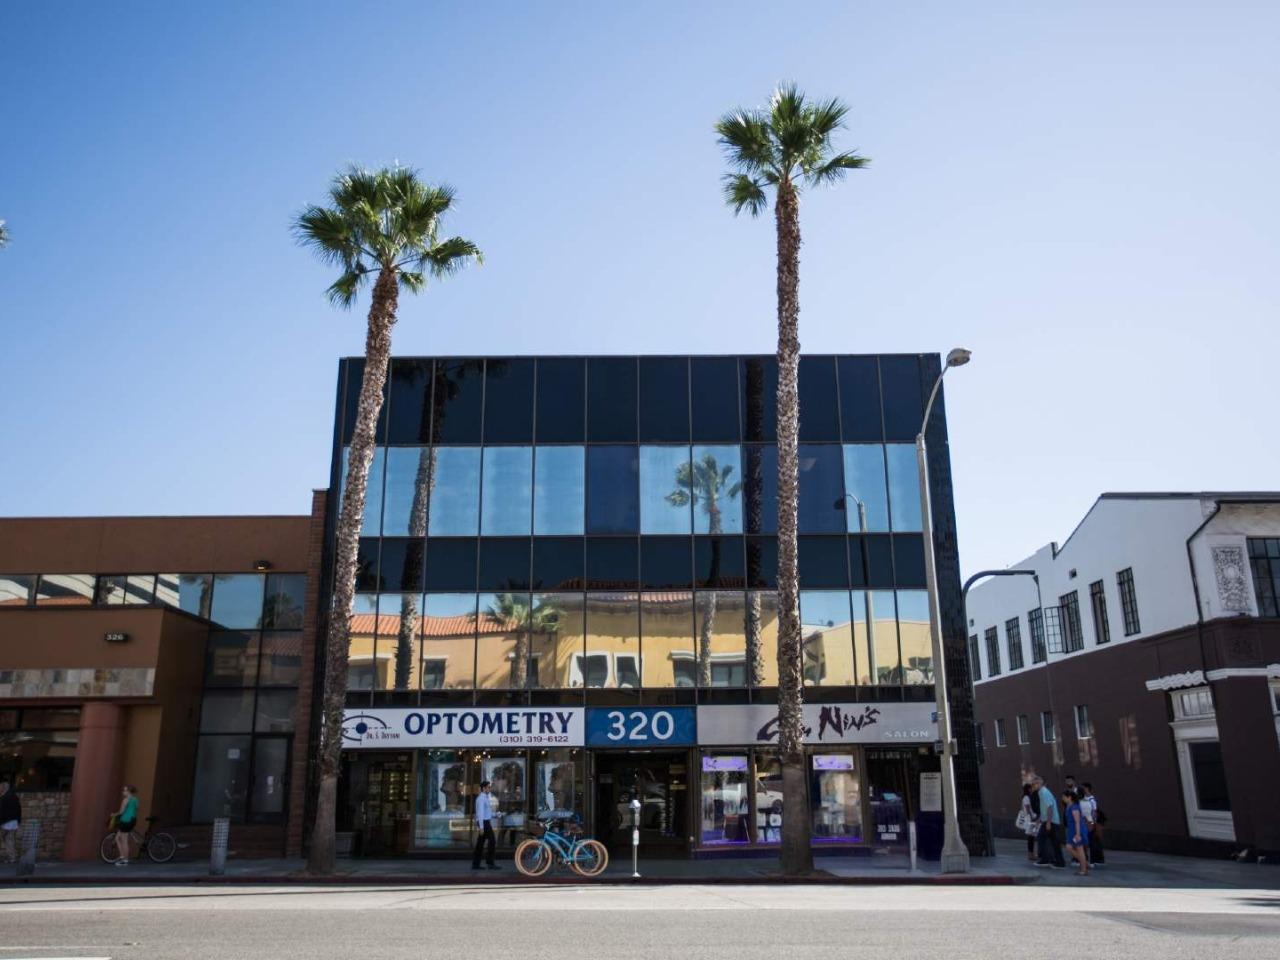 学生社会人シニア大人むけ短期長期語学留学 アメリカカリフォルニア州ロサンゼルスLA KAPLANウエストウッド Los Angeles Westwood